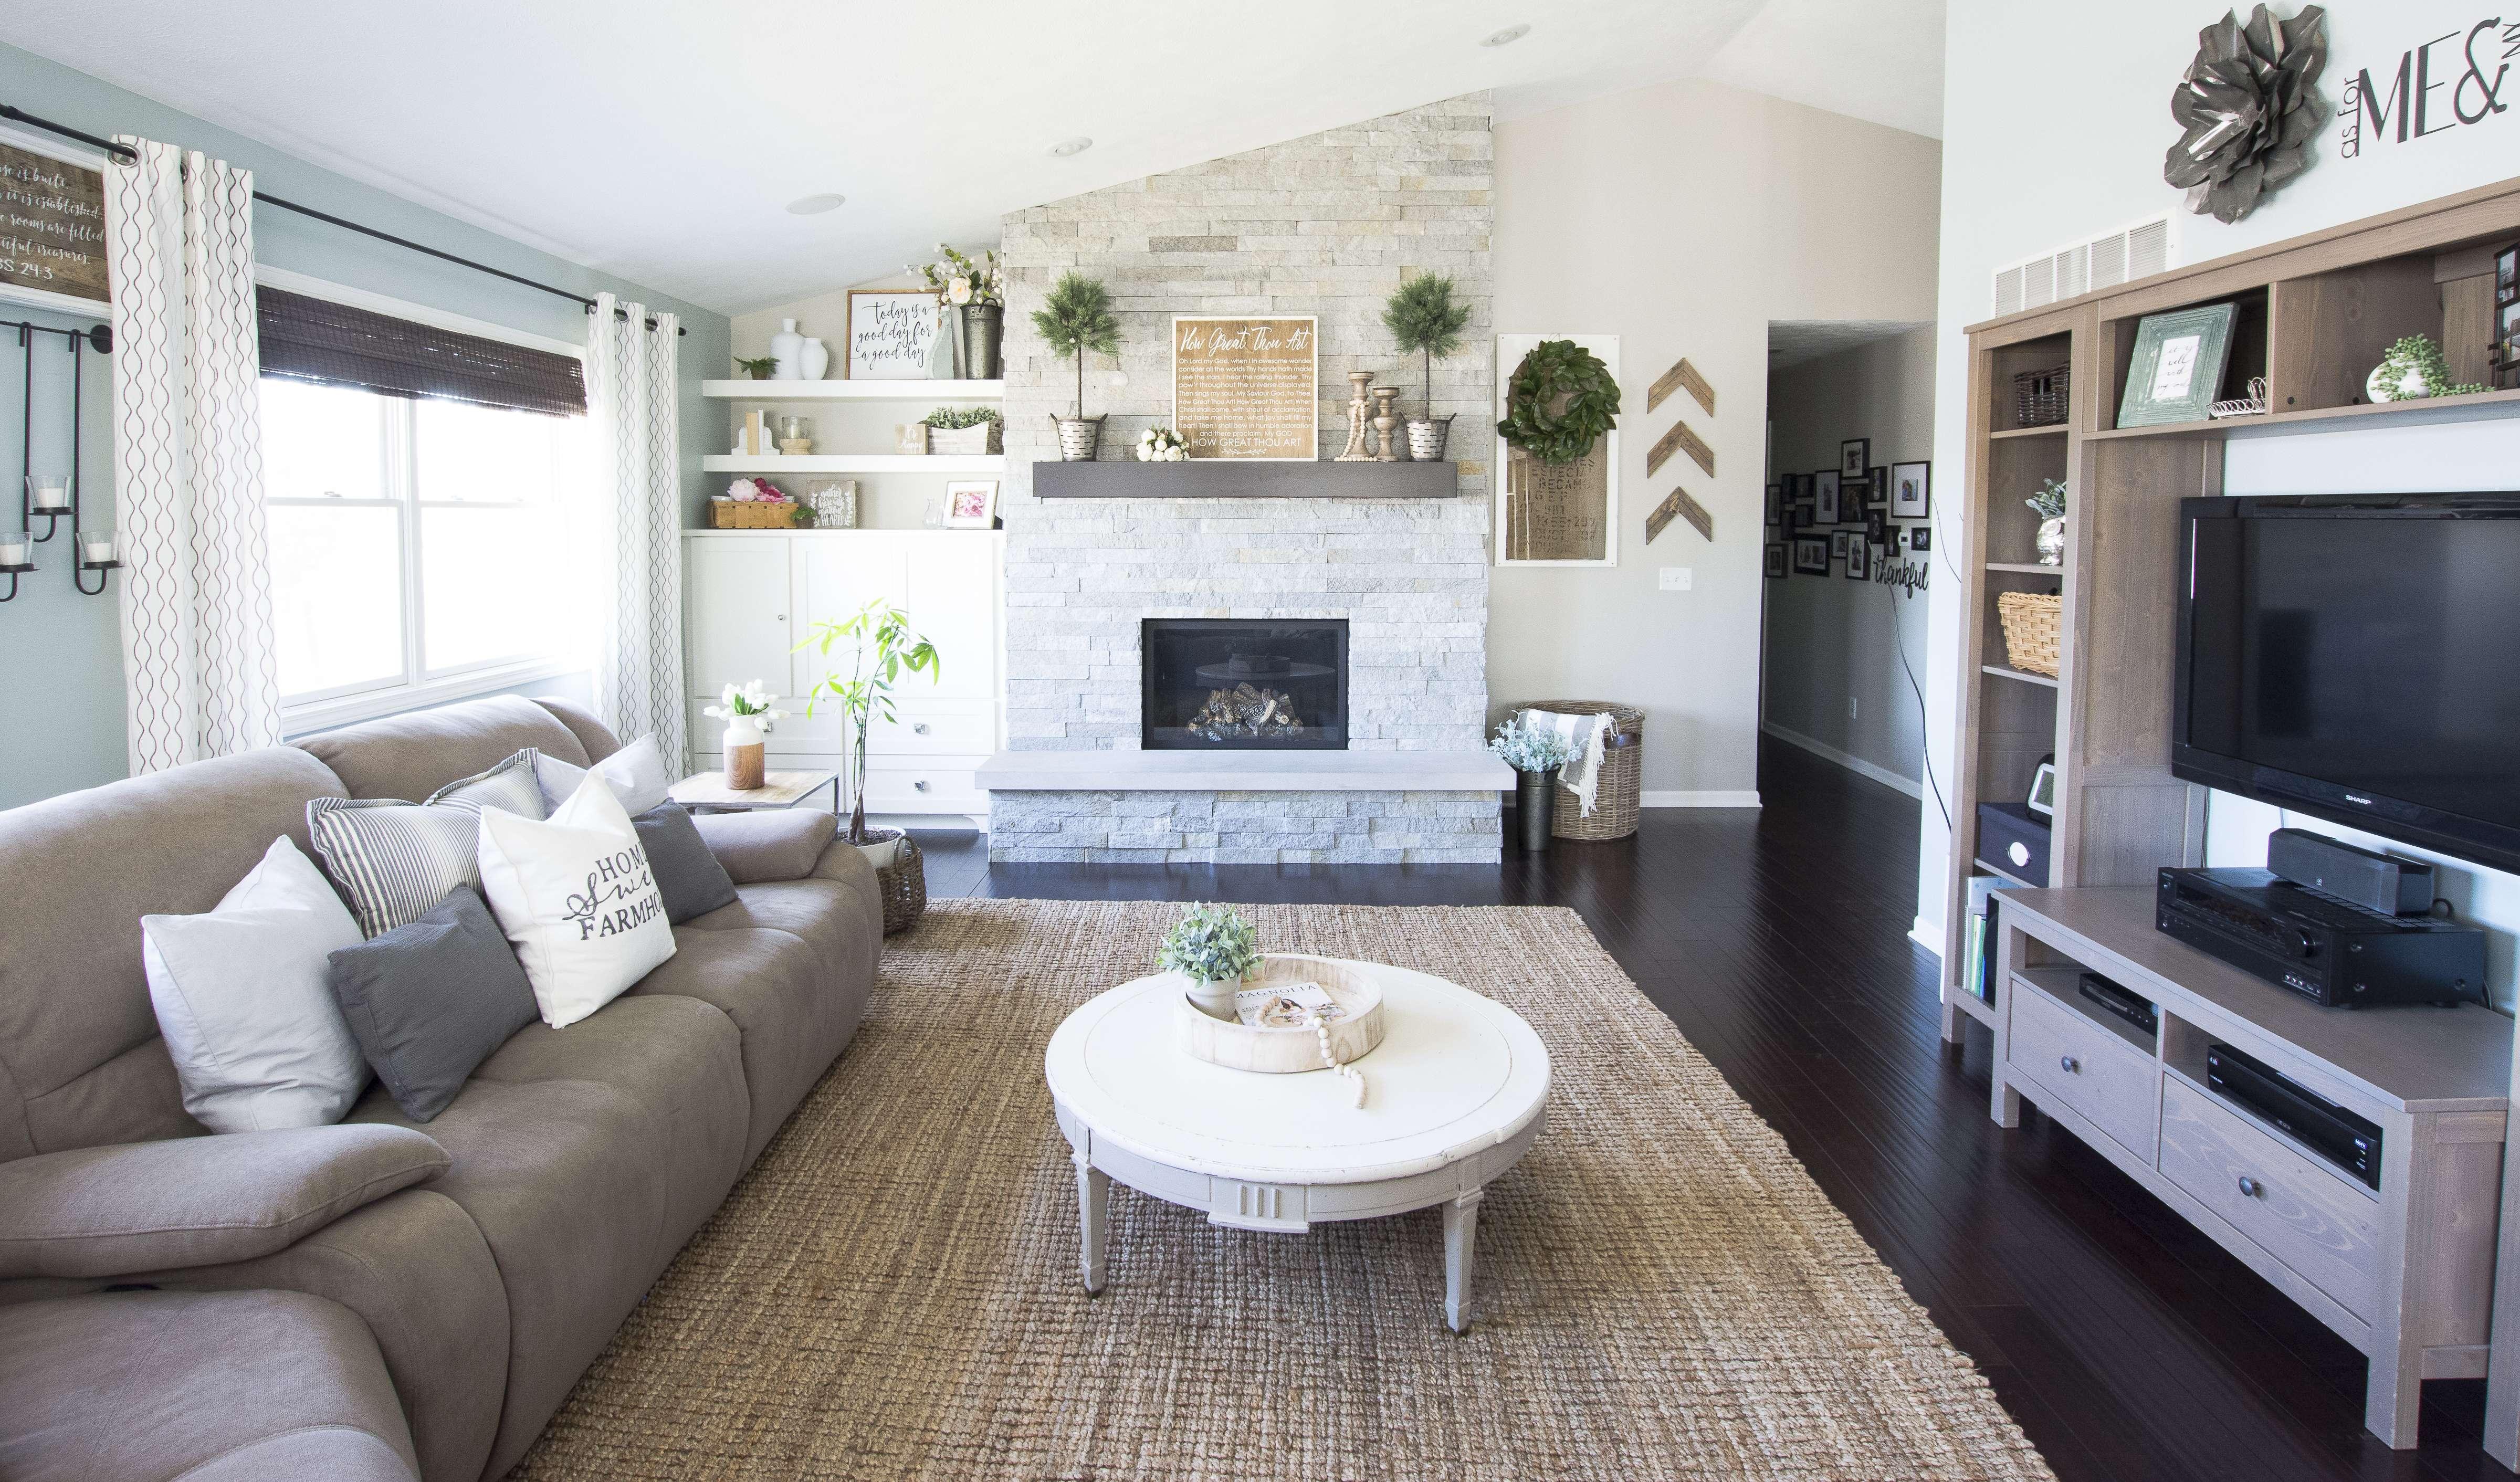 spring-home-tour-living-room-2017-graceinmyspace-com